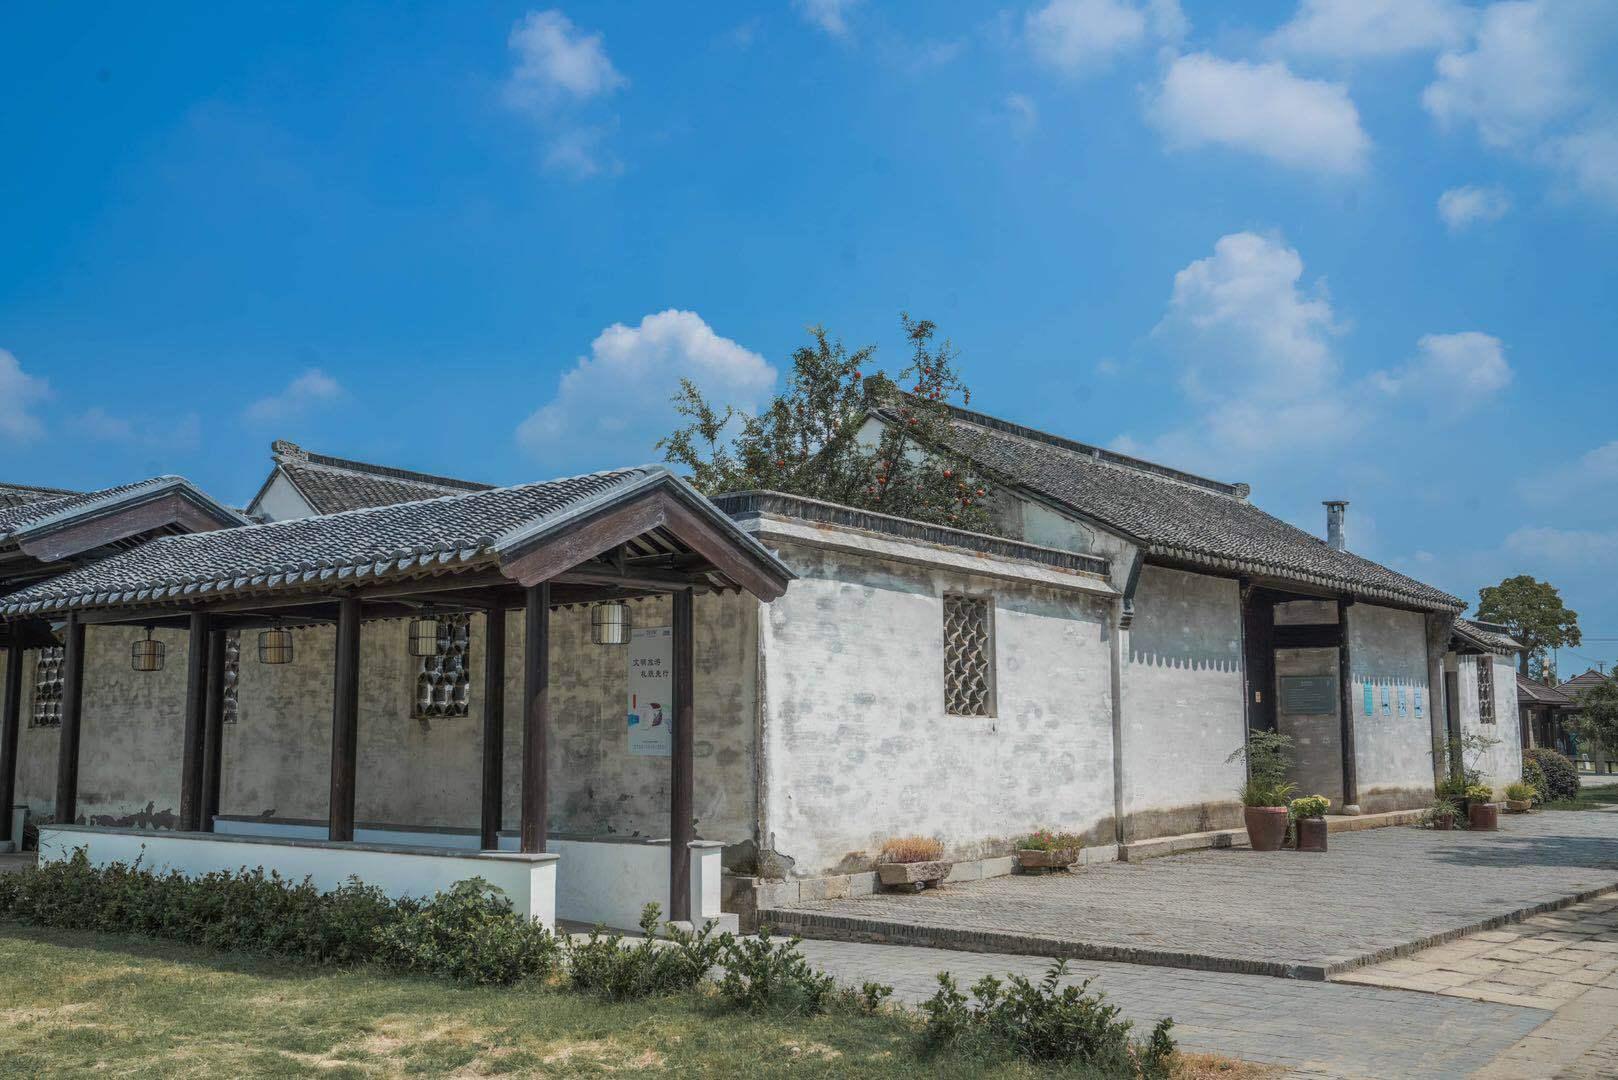 苏州小众打卡地,古色古香江南韵味,赏最美荷花池